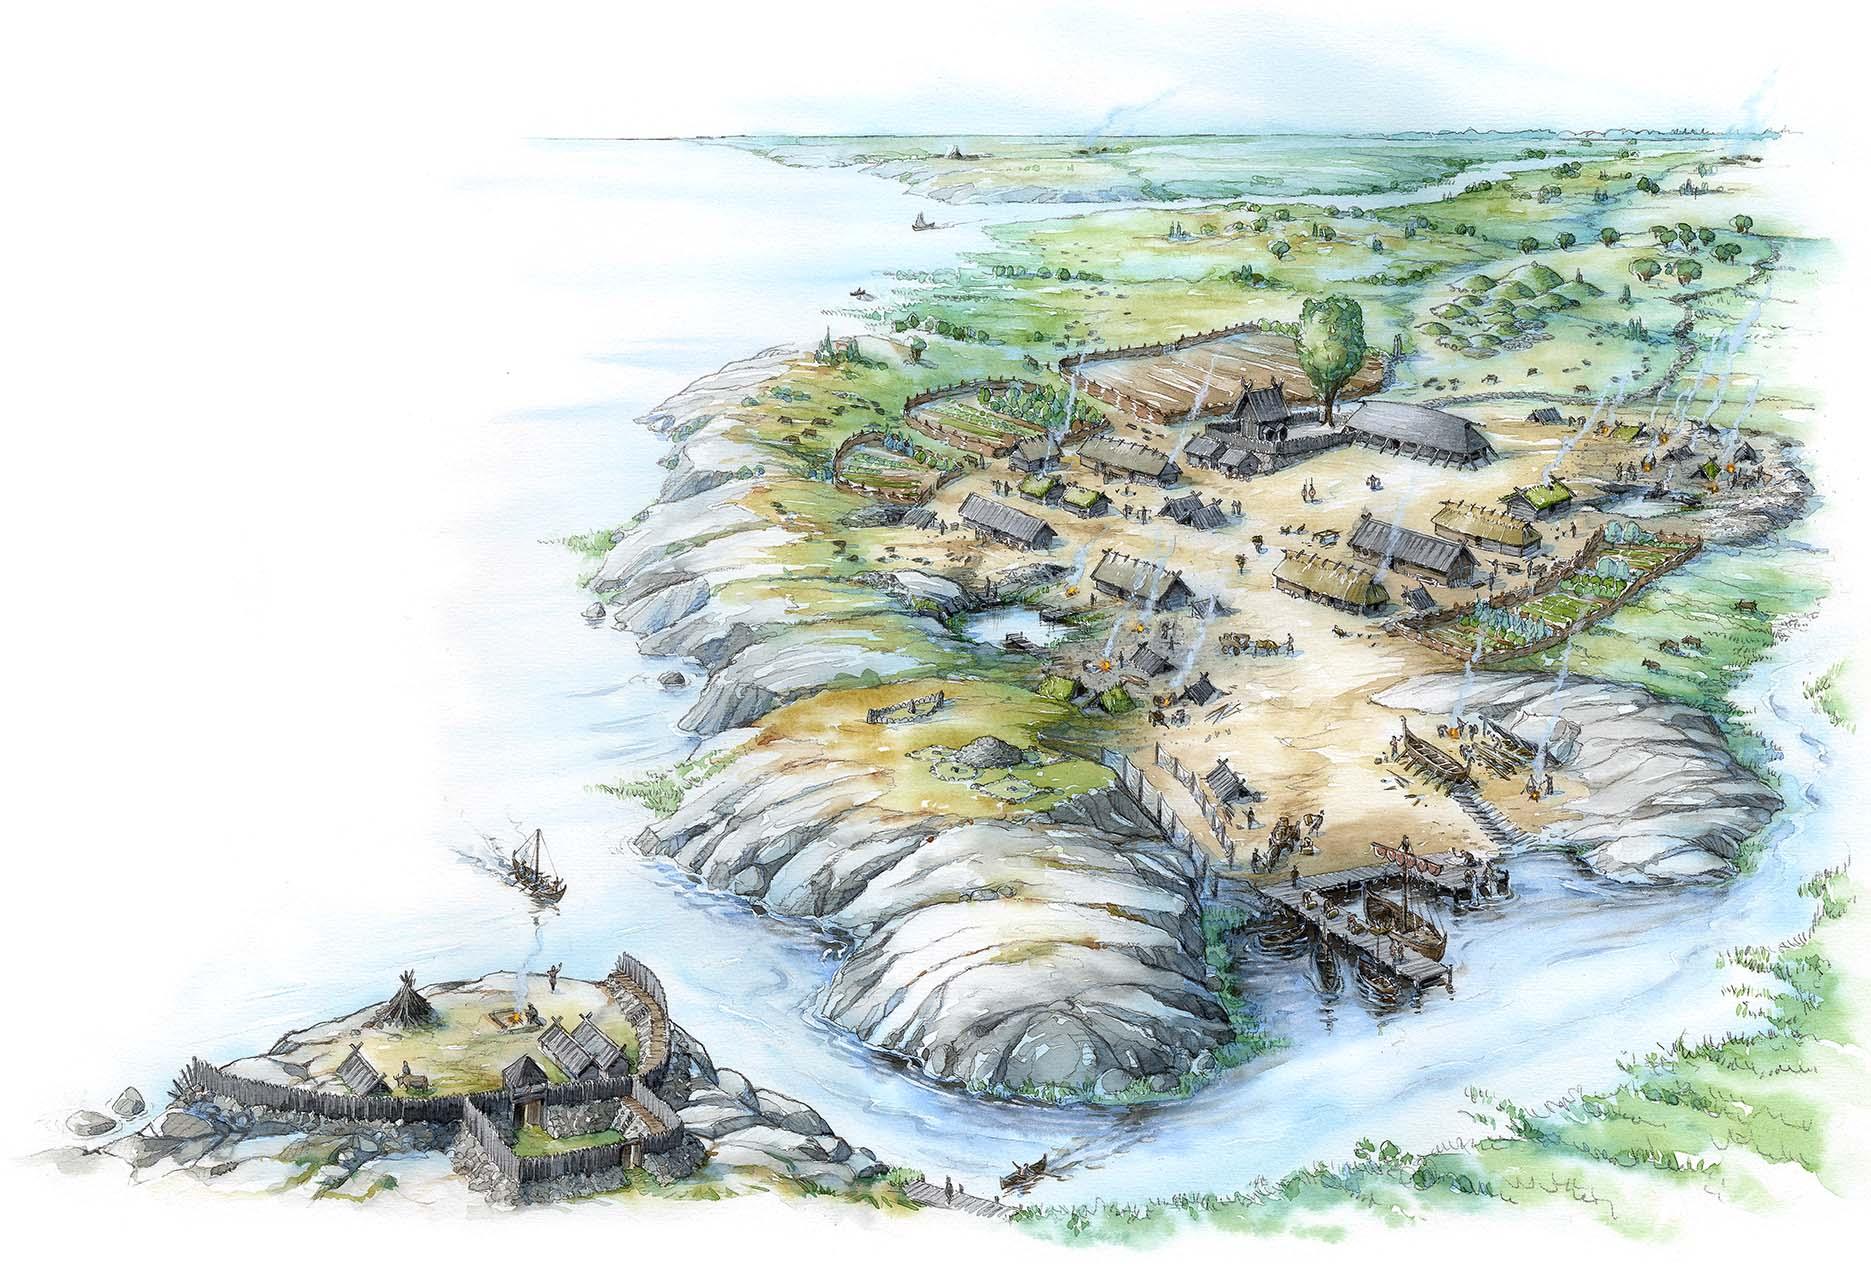 A Viking Age village